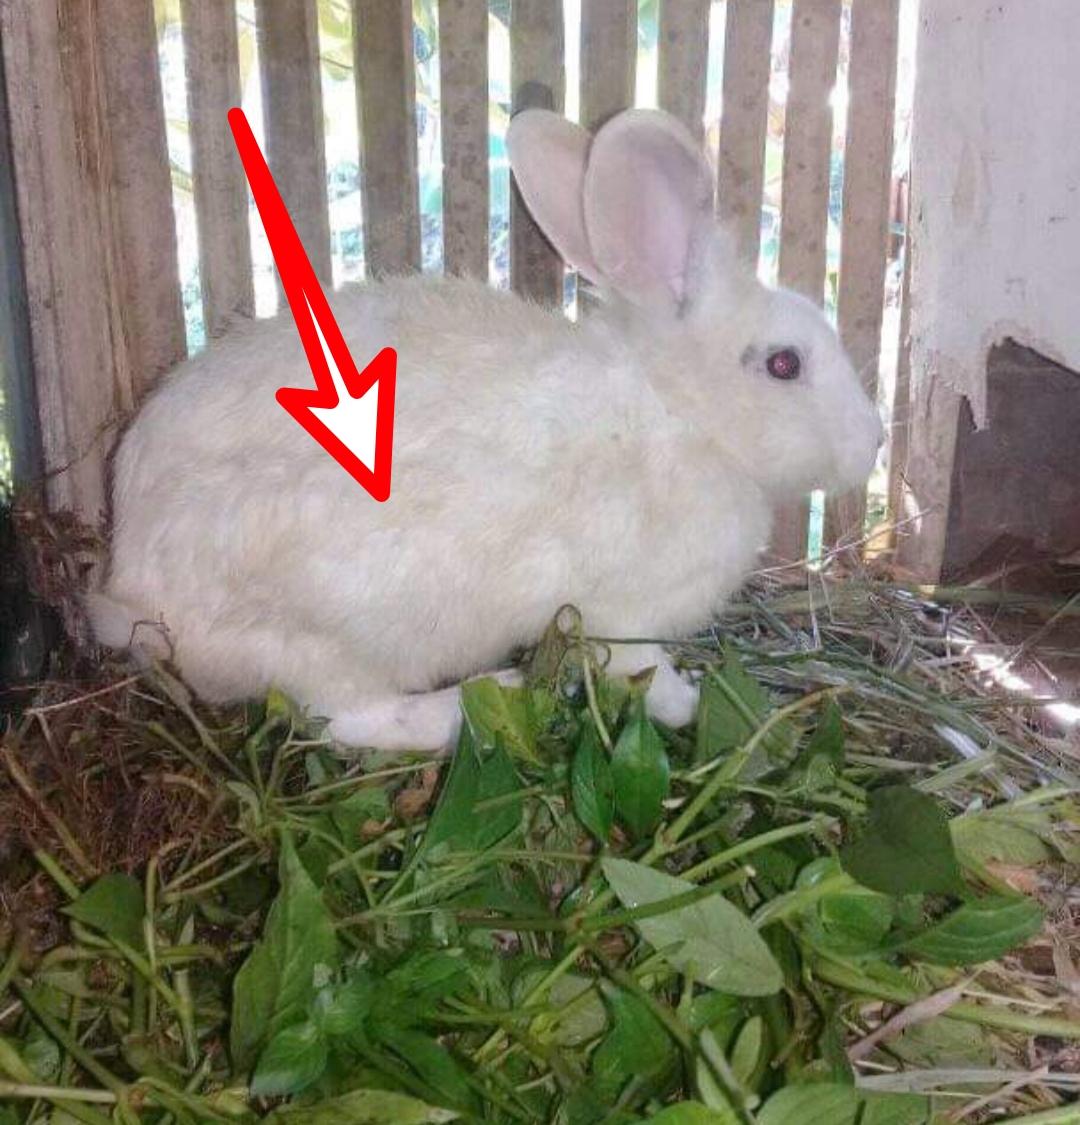 Ciri Ciri Kelinci Hamil Dilengkapi Gambar Dan Penjelasannya Hobinatang - Perkawinan Kelinci, Kelinci Fuzzy Loop Kampung Kelinci